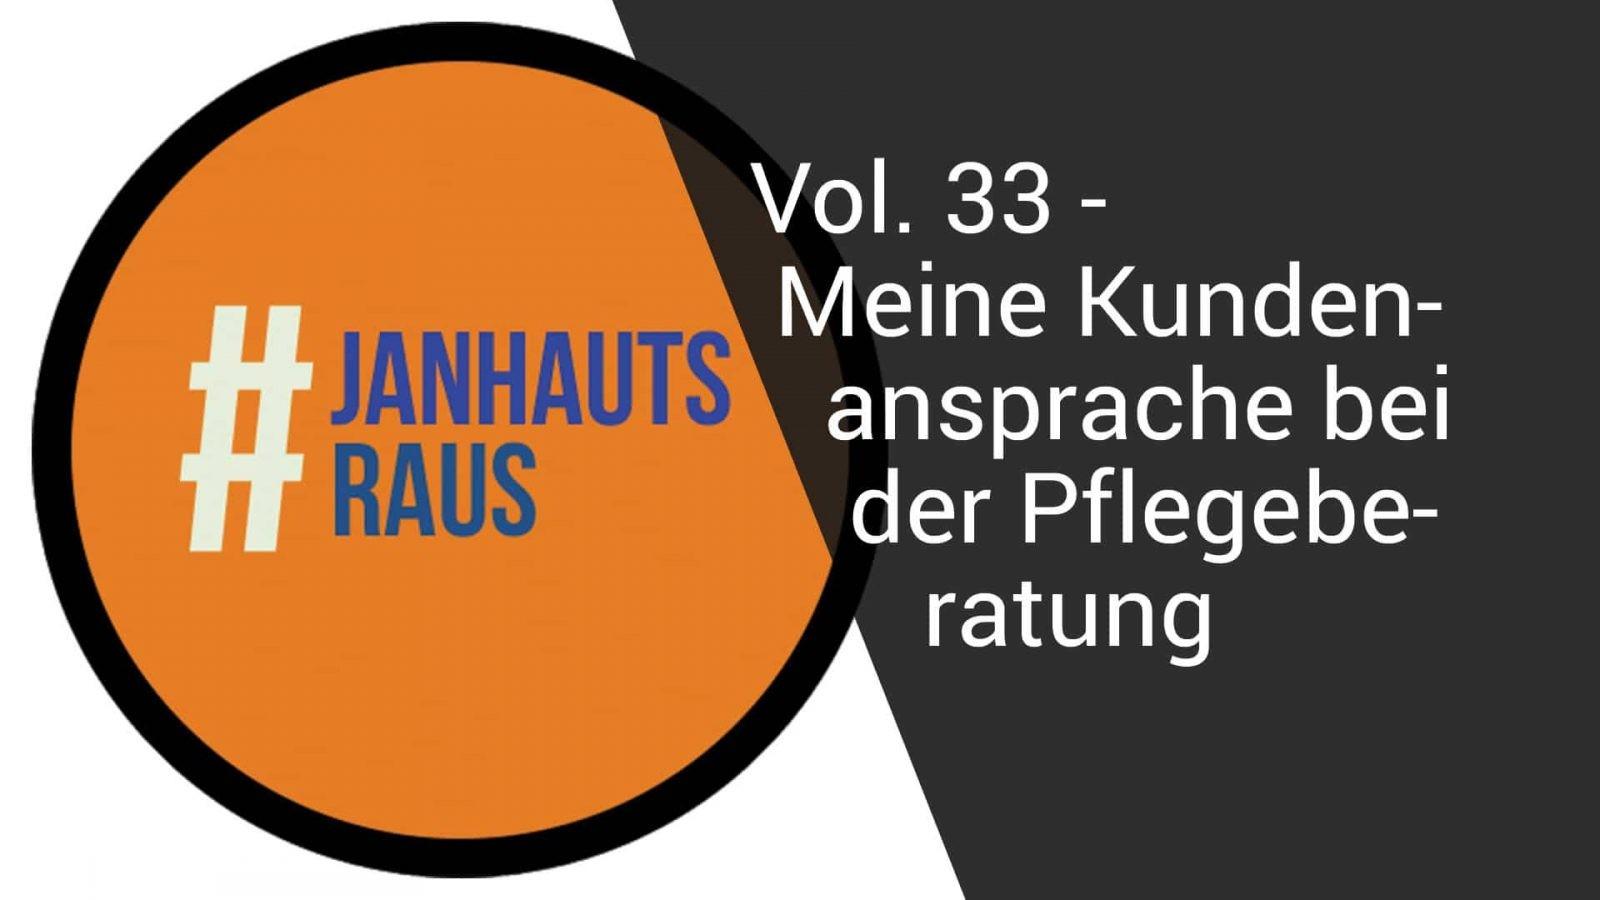 #janhautsraus - Vol. 33 - Meine Kundenansprache bei der Pflegeberatung